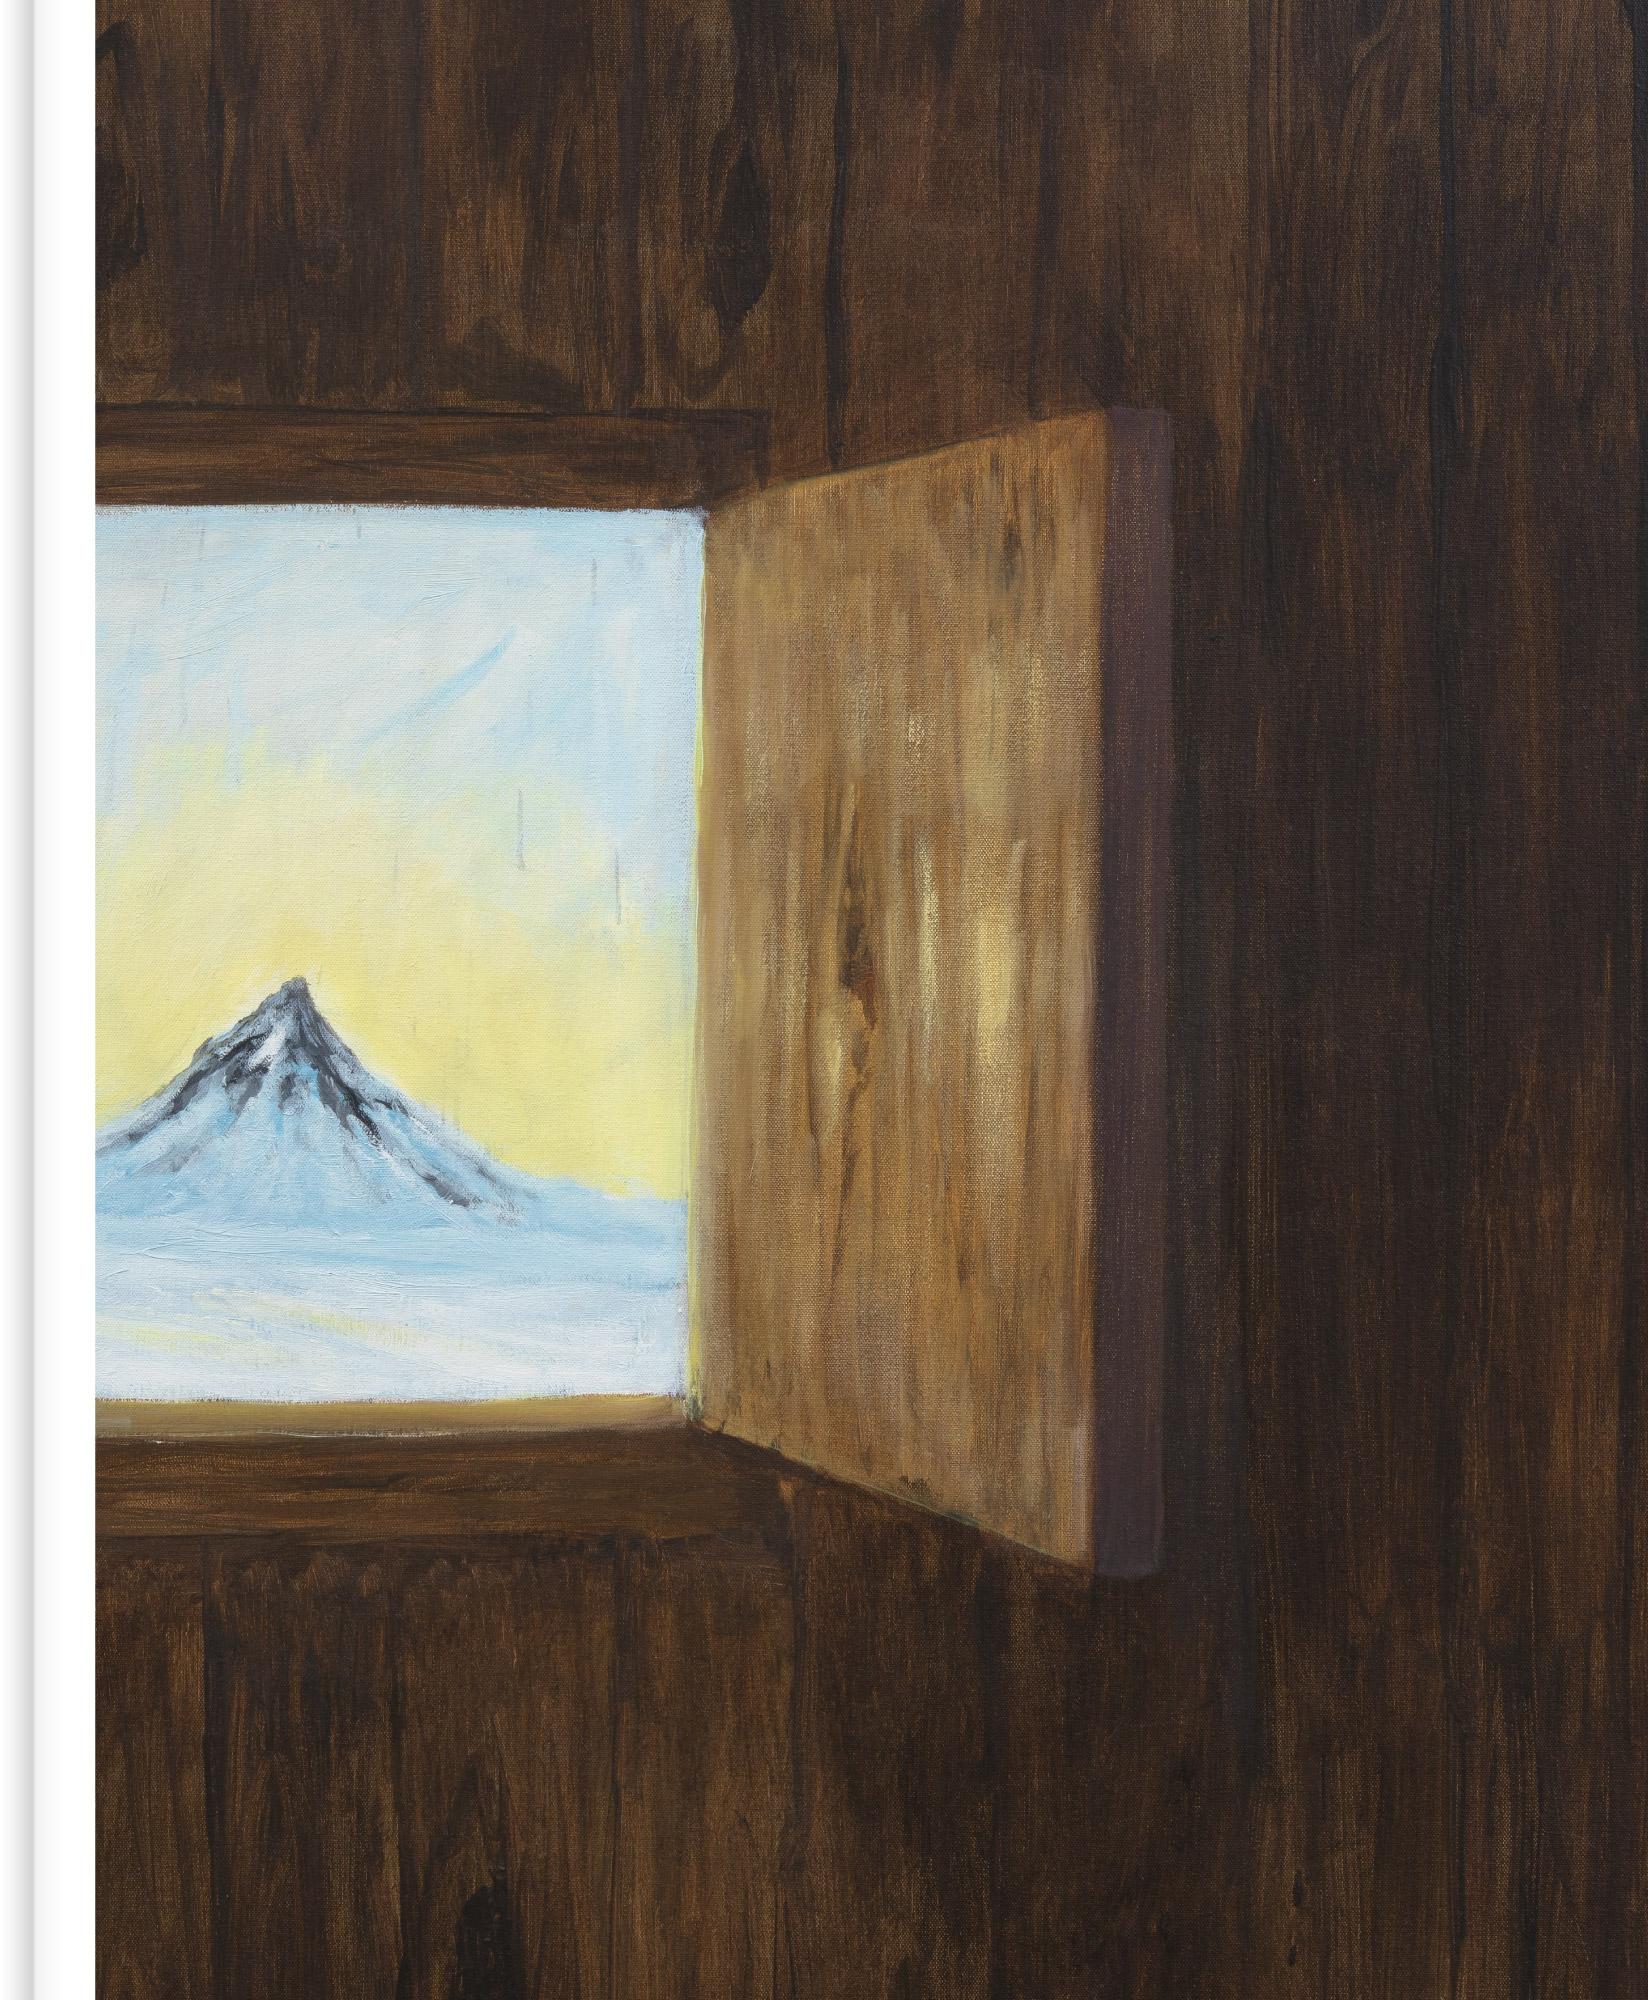 Enrique Martínez Celaya The Mirroring Land Galerie Judin Berlin